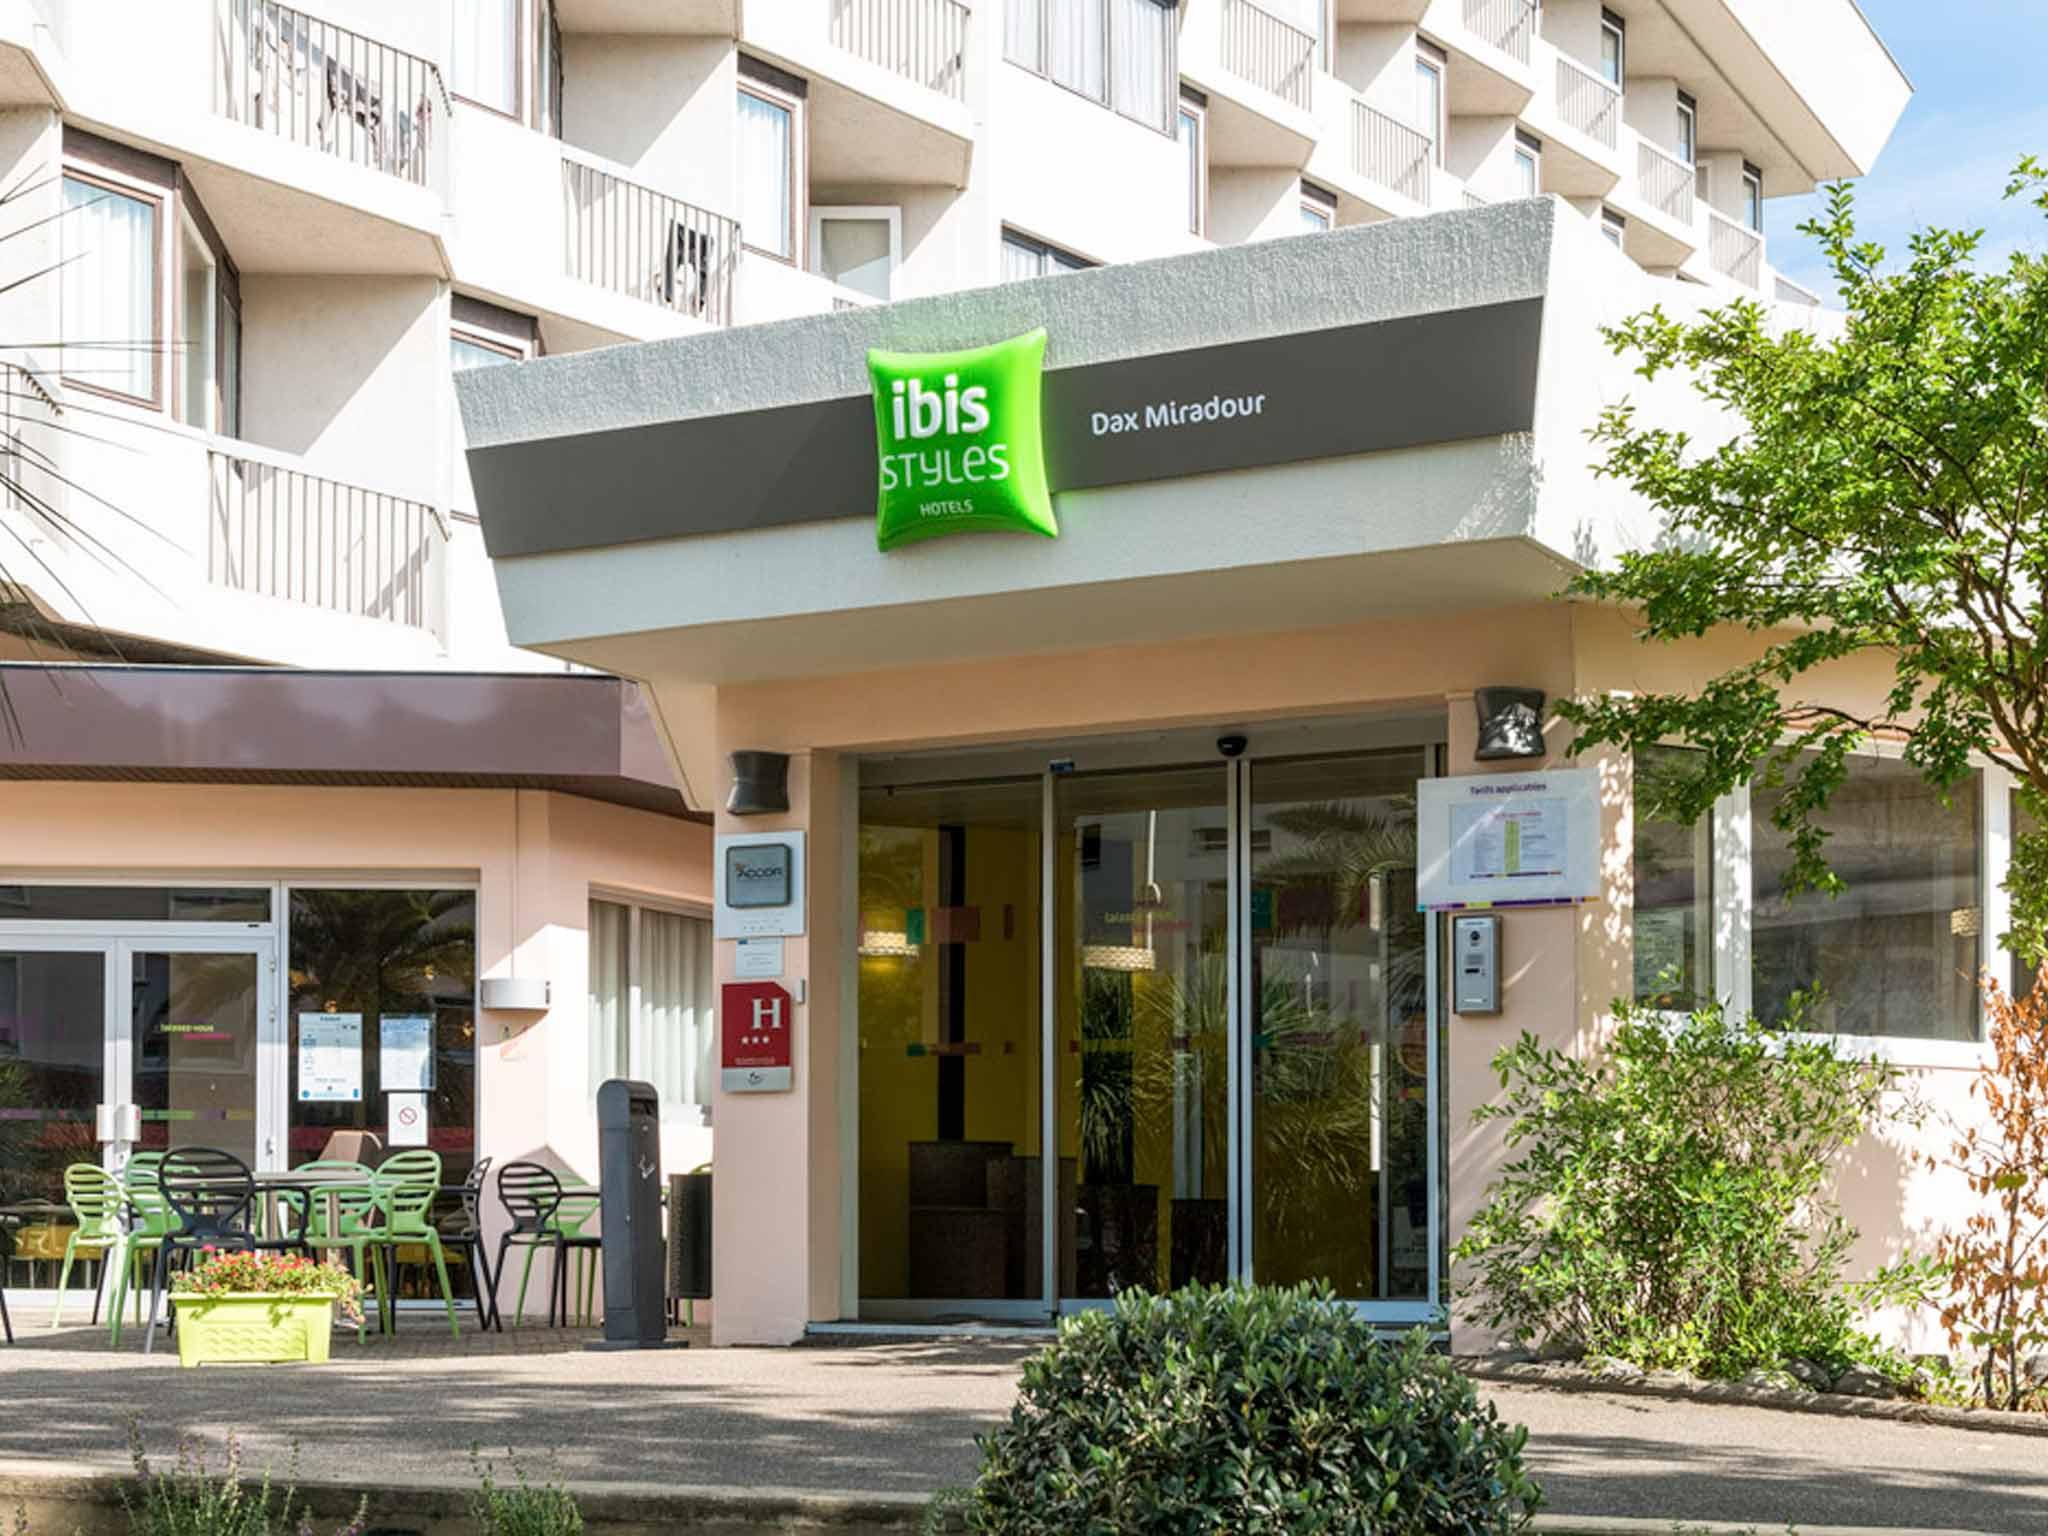 Hotel in DAX ibis Styles Dax Miradour